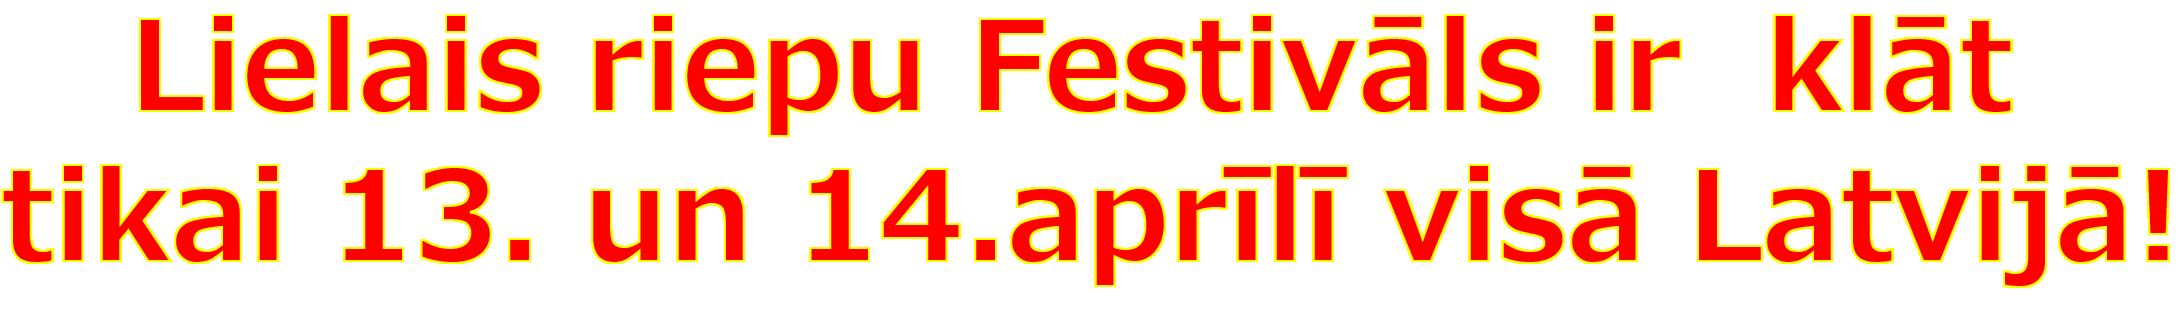 Vislatvijas Lielais Riepu festivāls